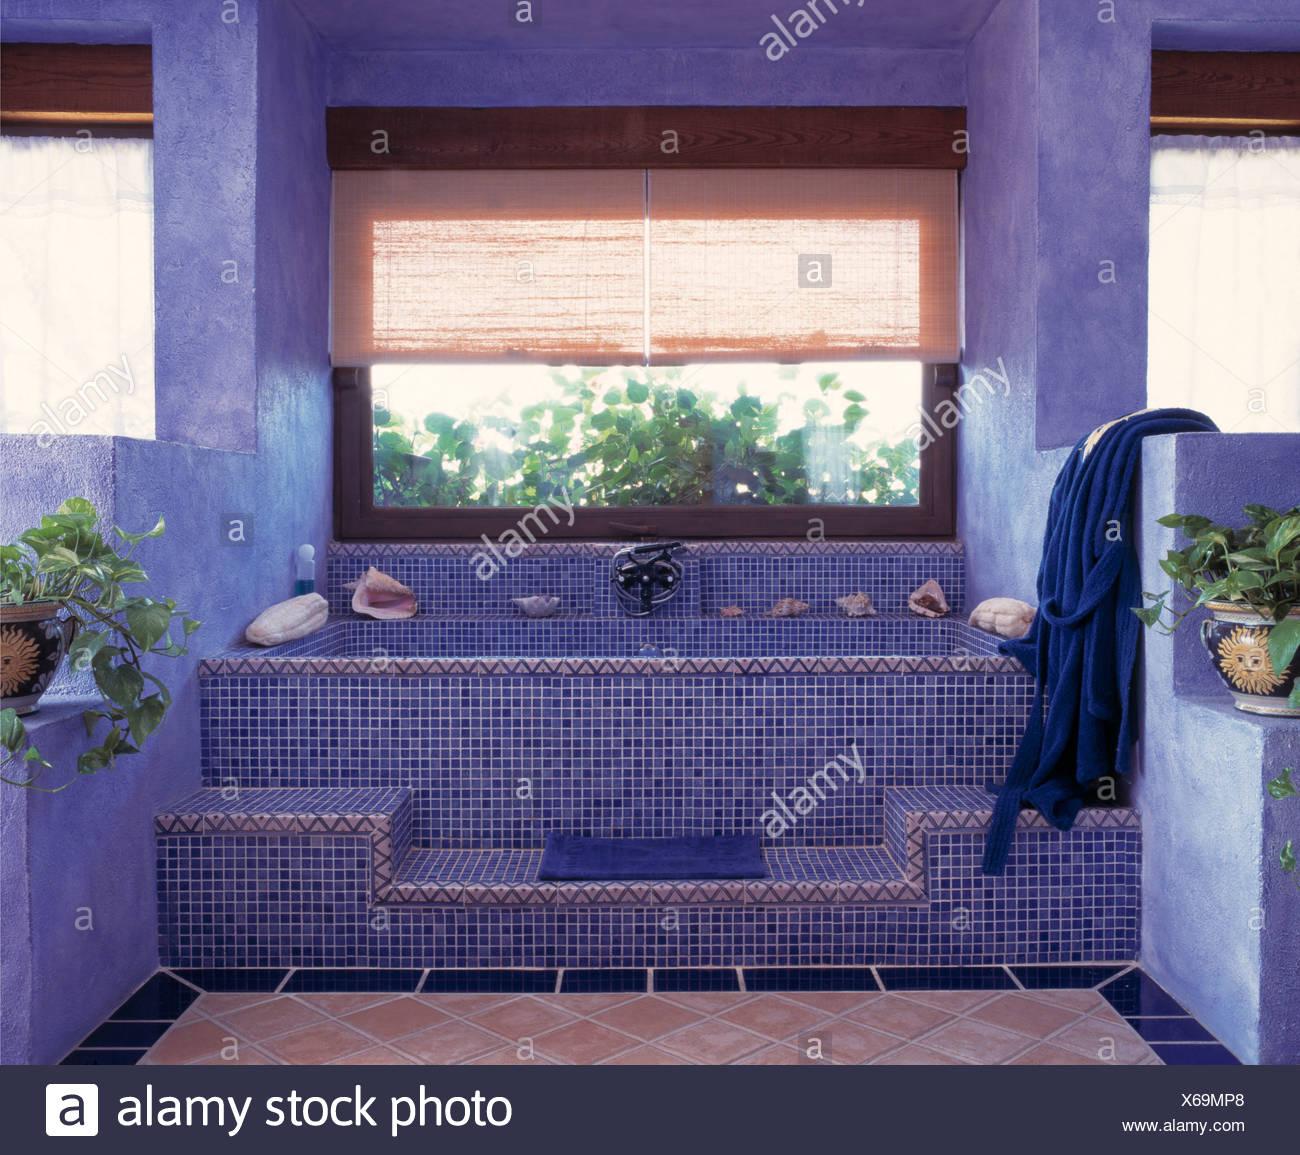 split cane blind auf fenster oben hell blauen mosaik gefliest bad im